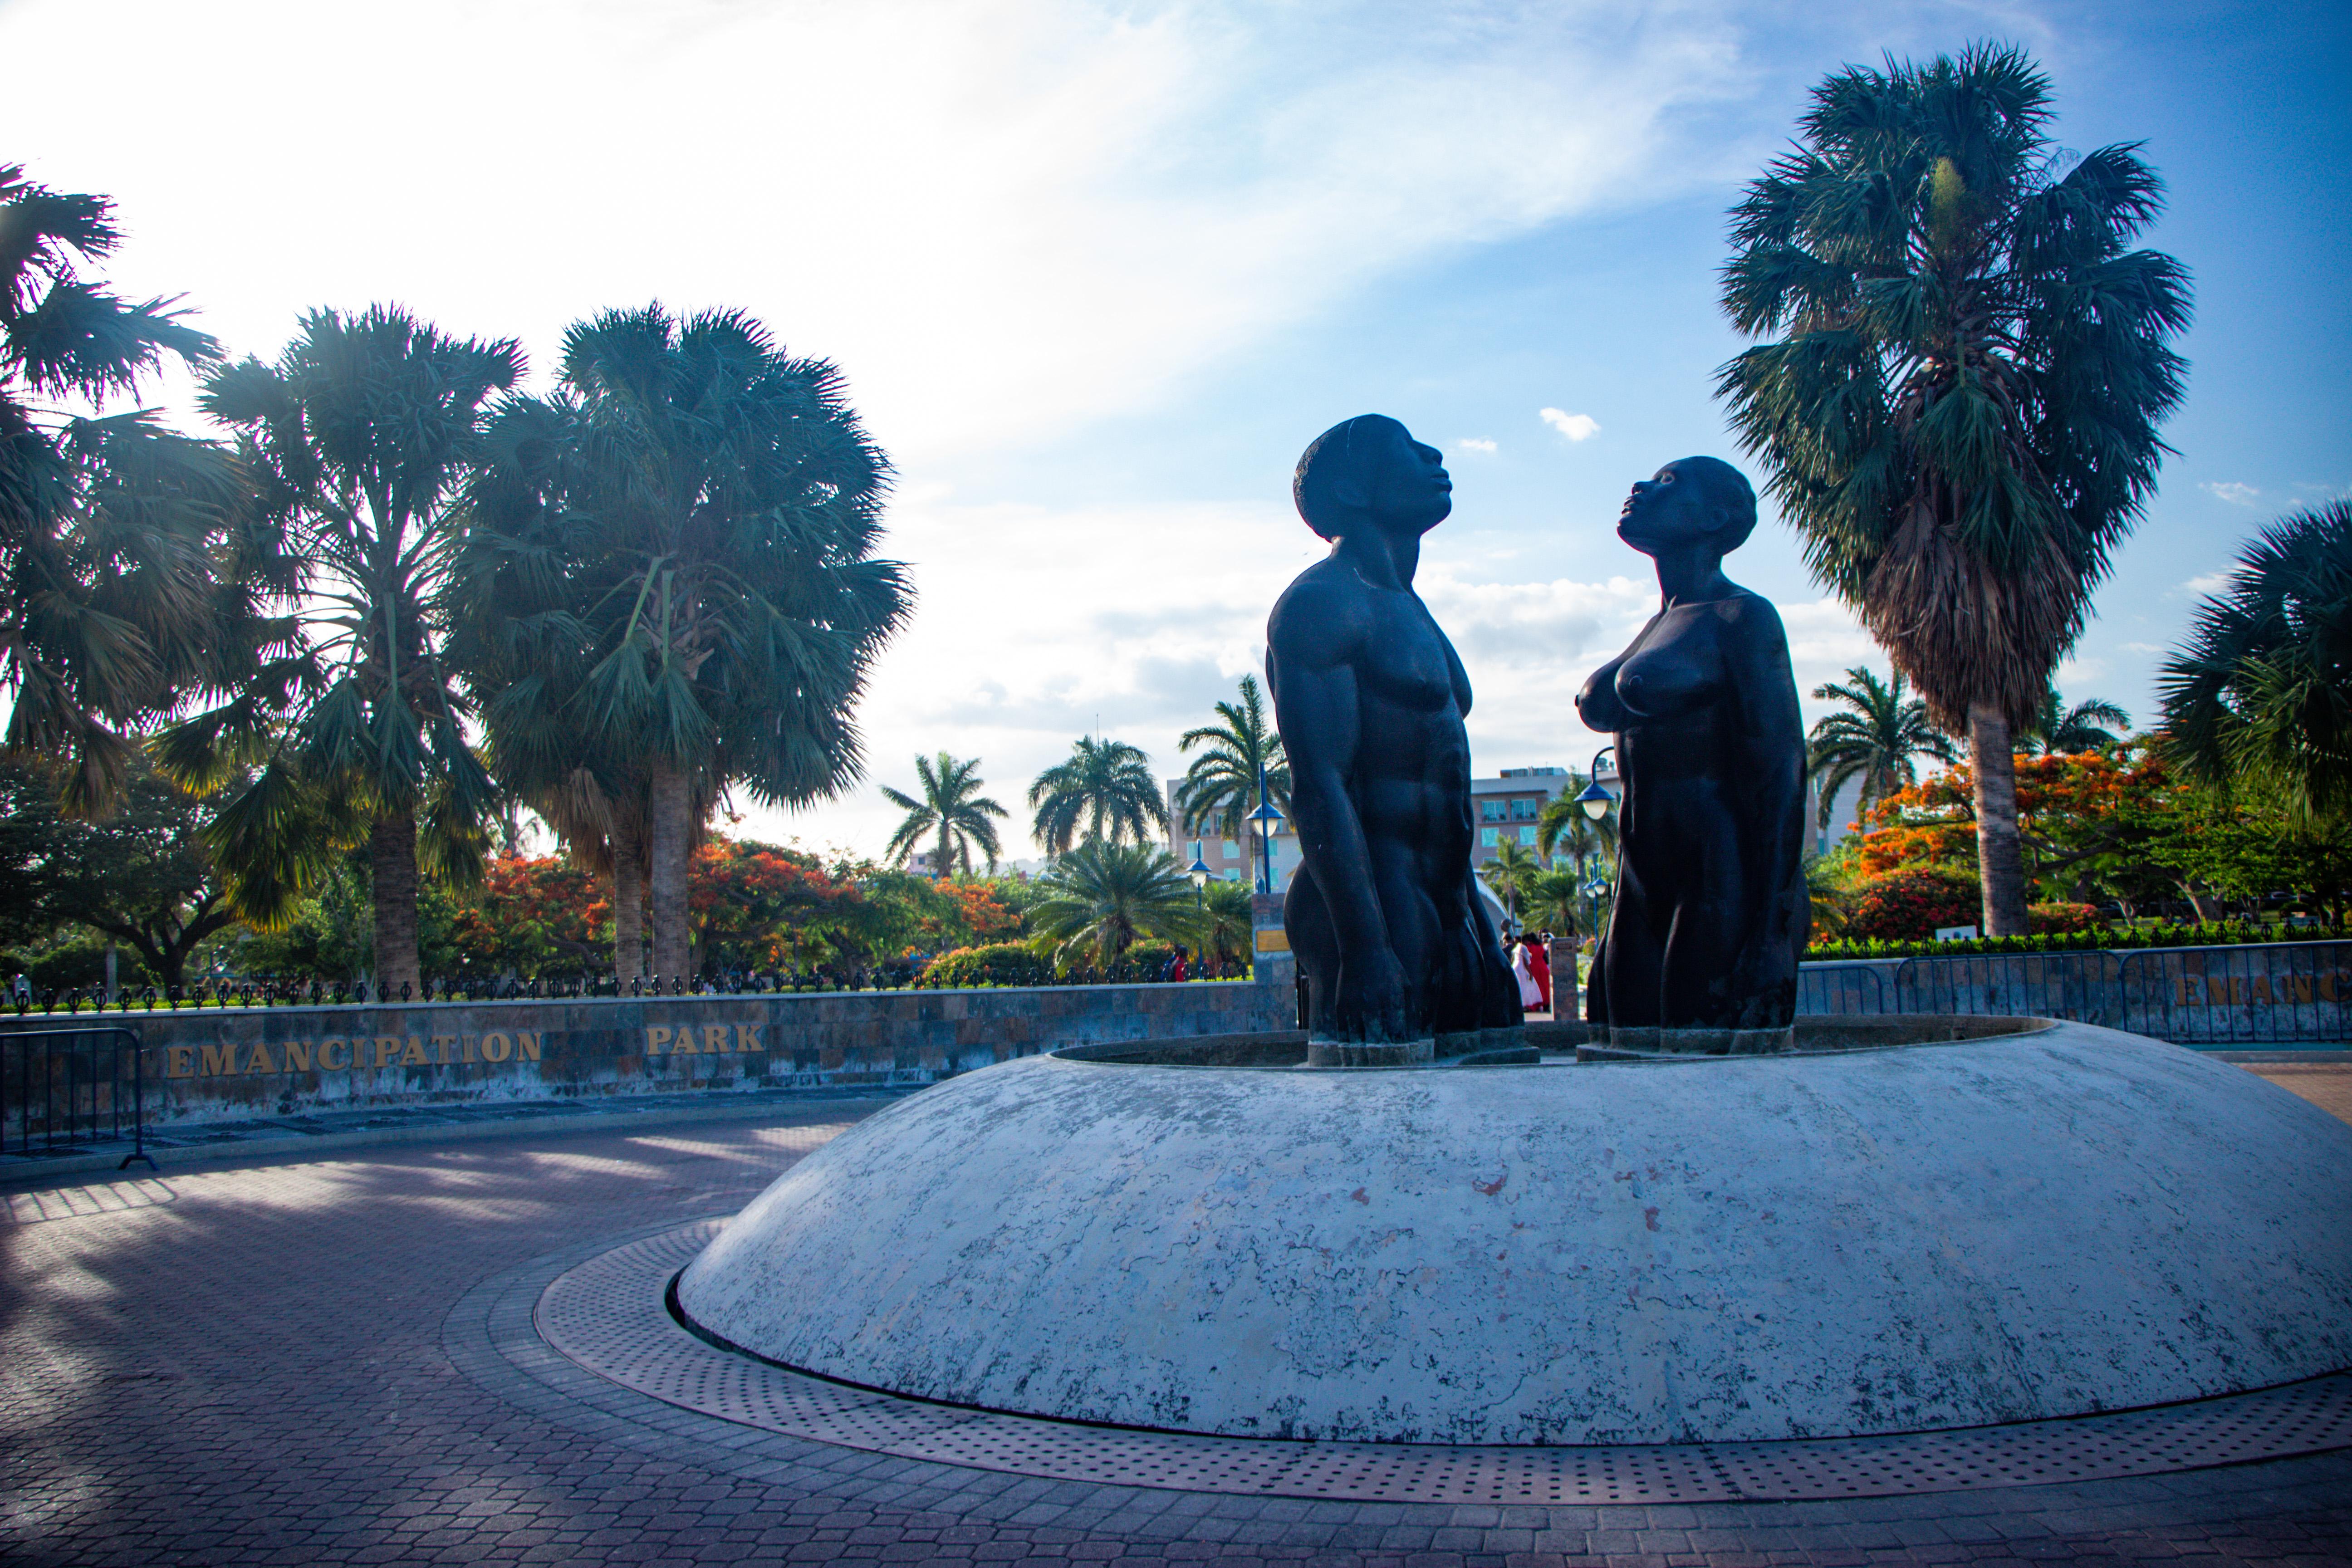 Parque da Emancipação